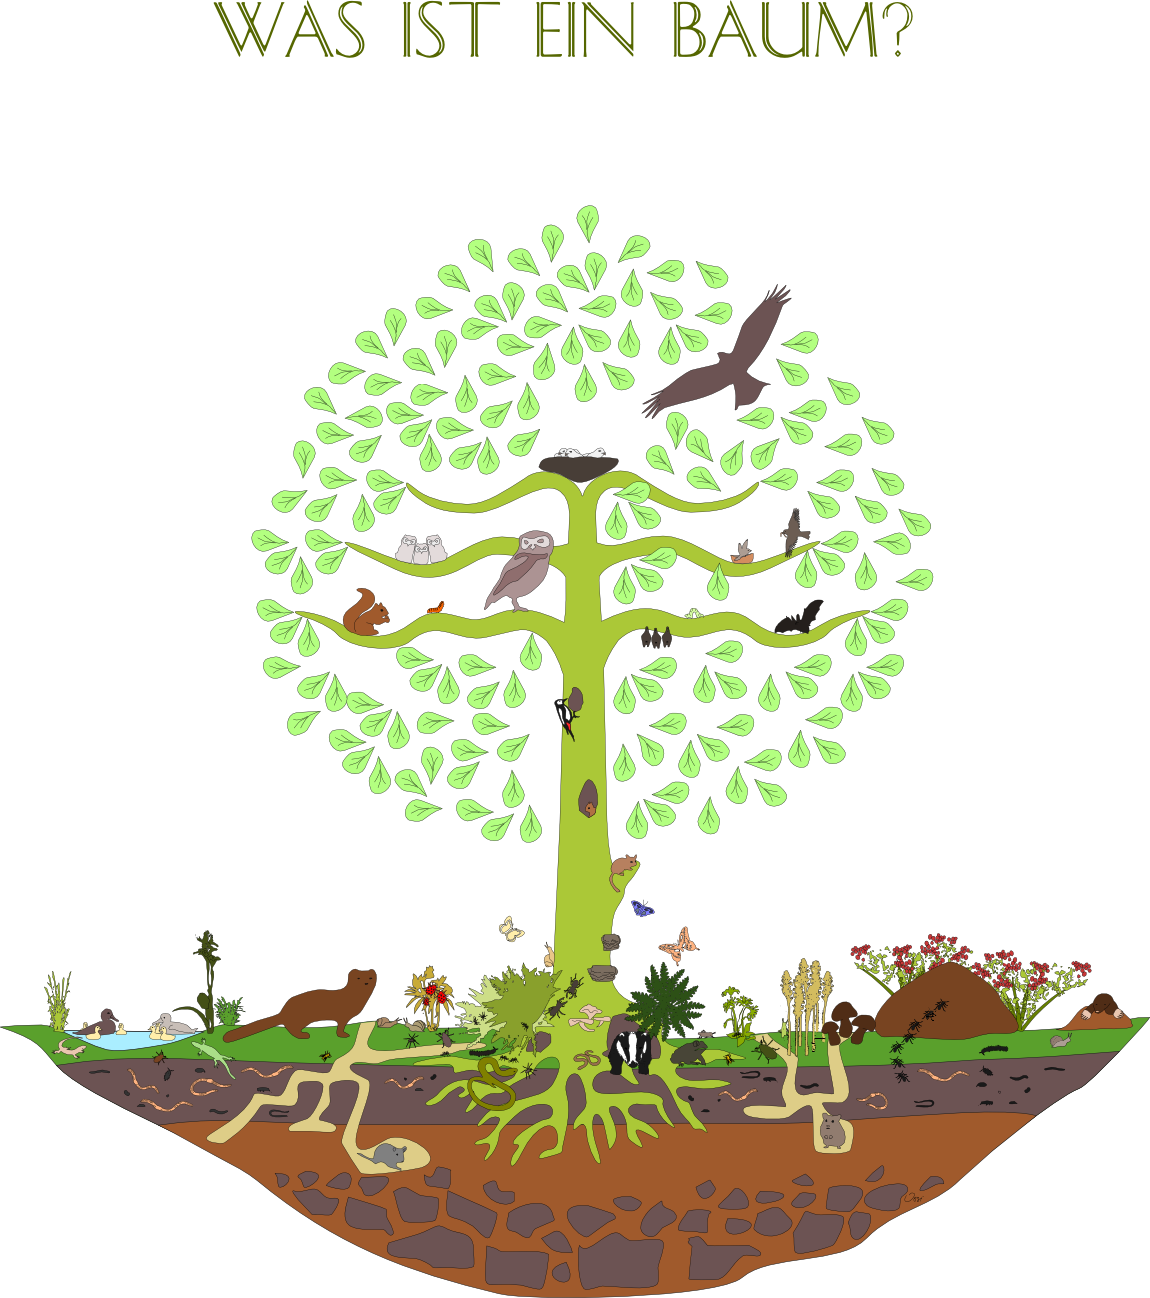 Was ist ein Baum?